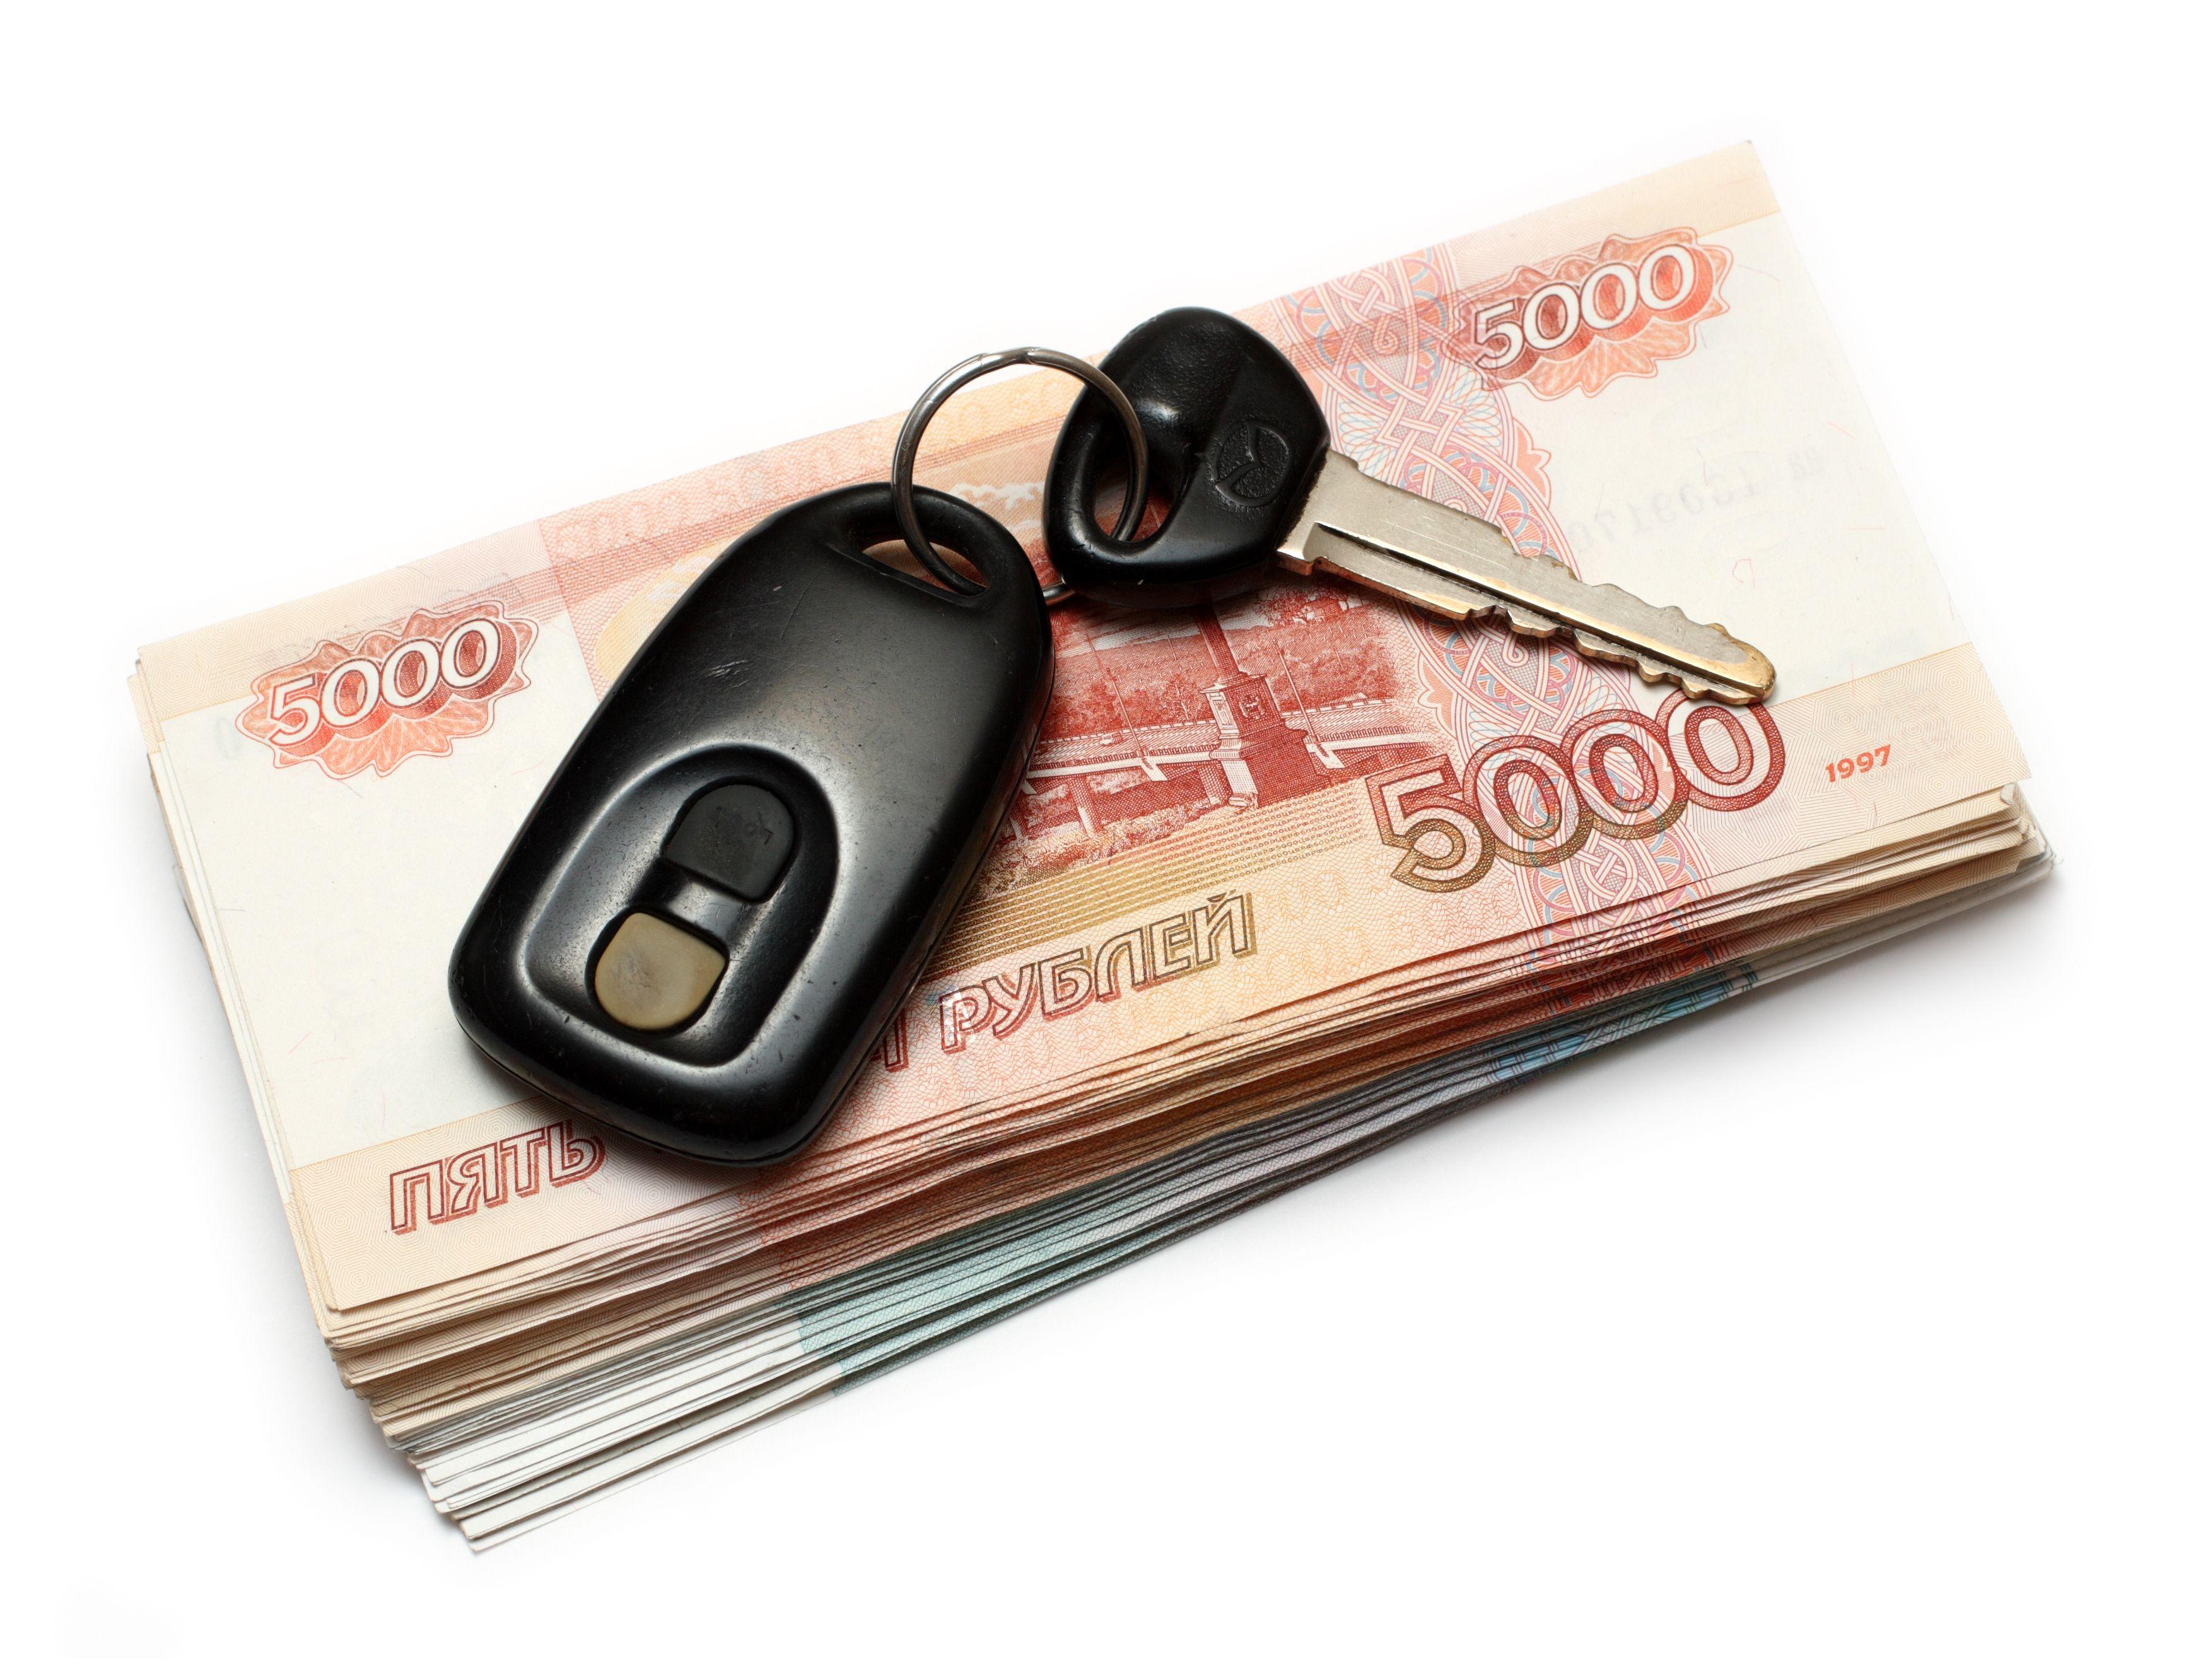 جدیدترین قیمت محصولات مدیران خودرو در بازار و کارخانه